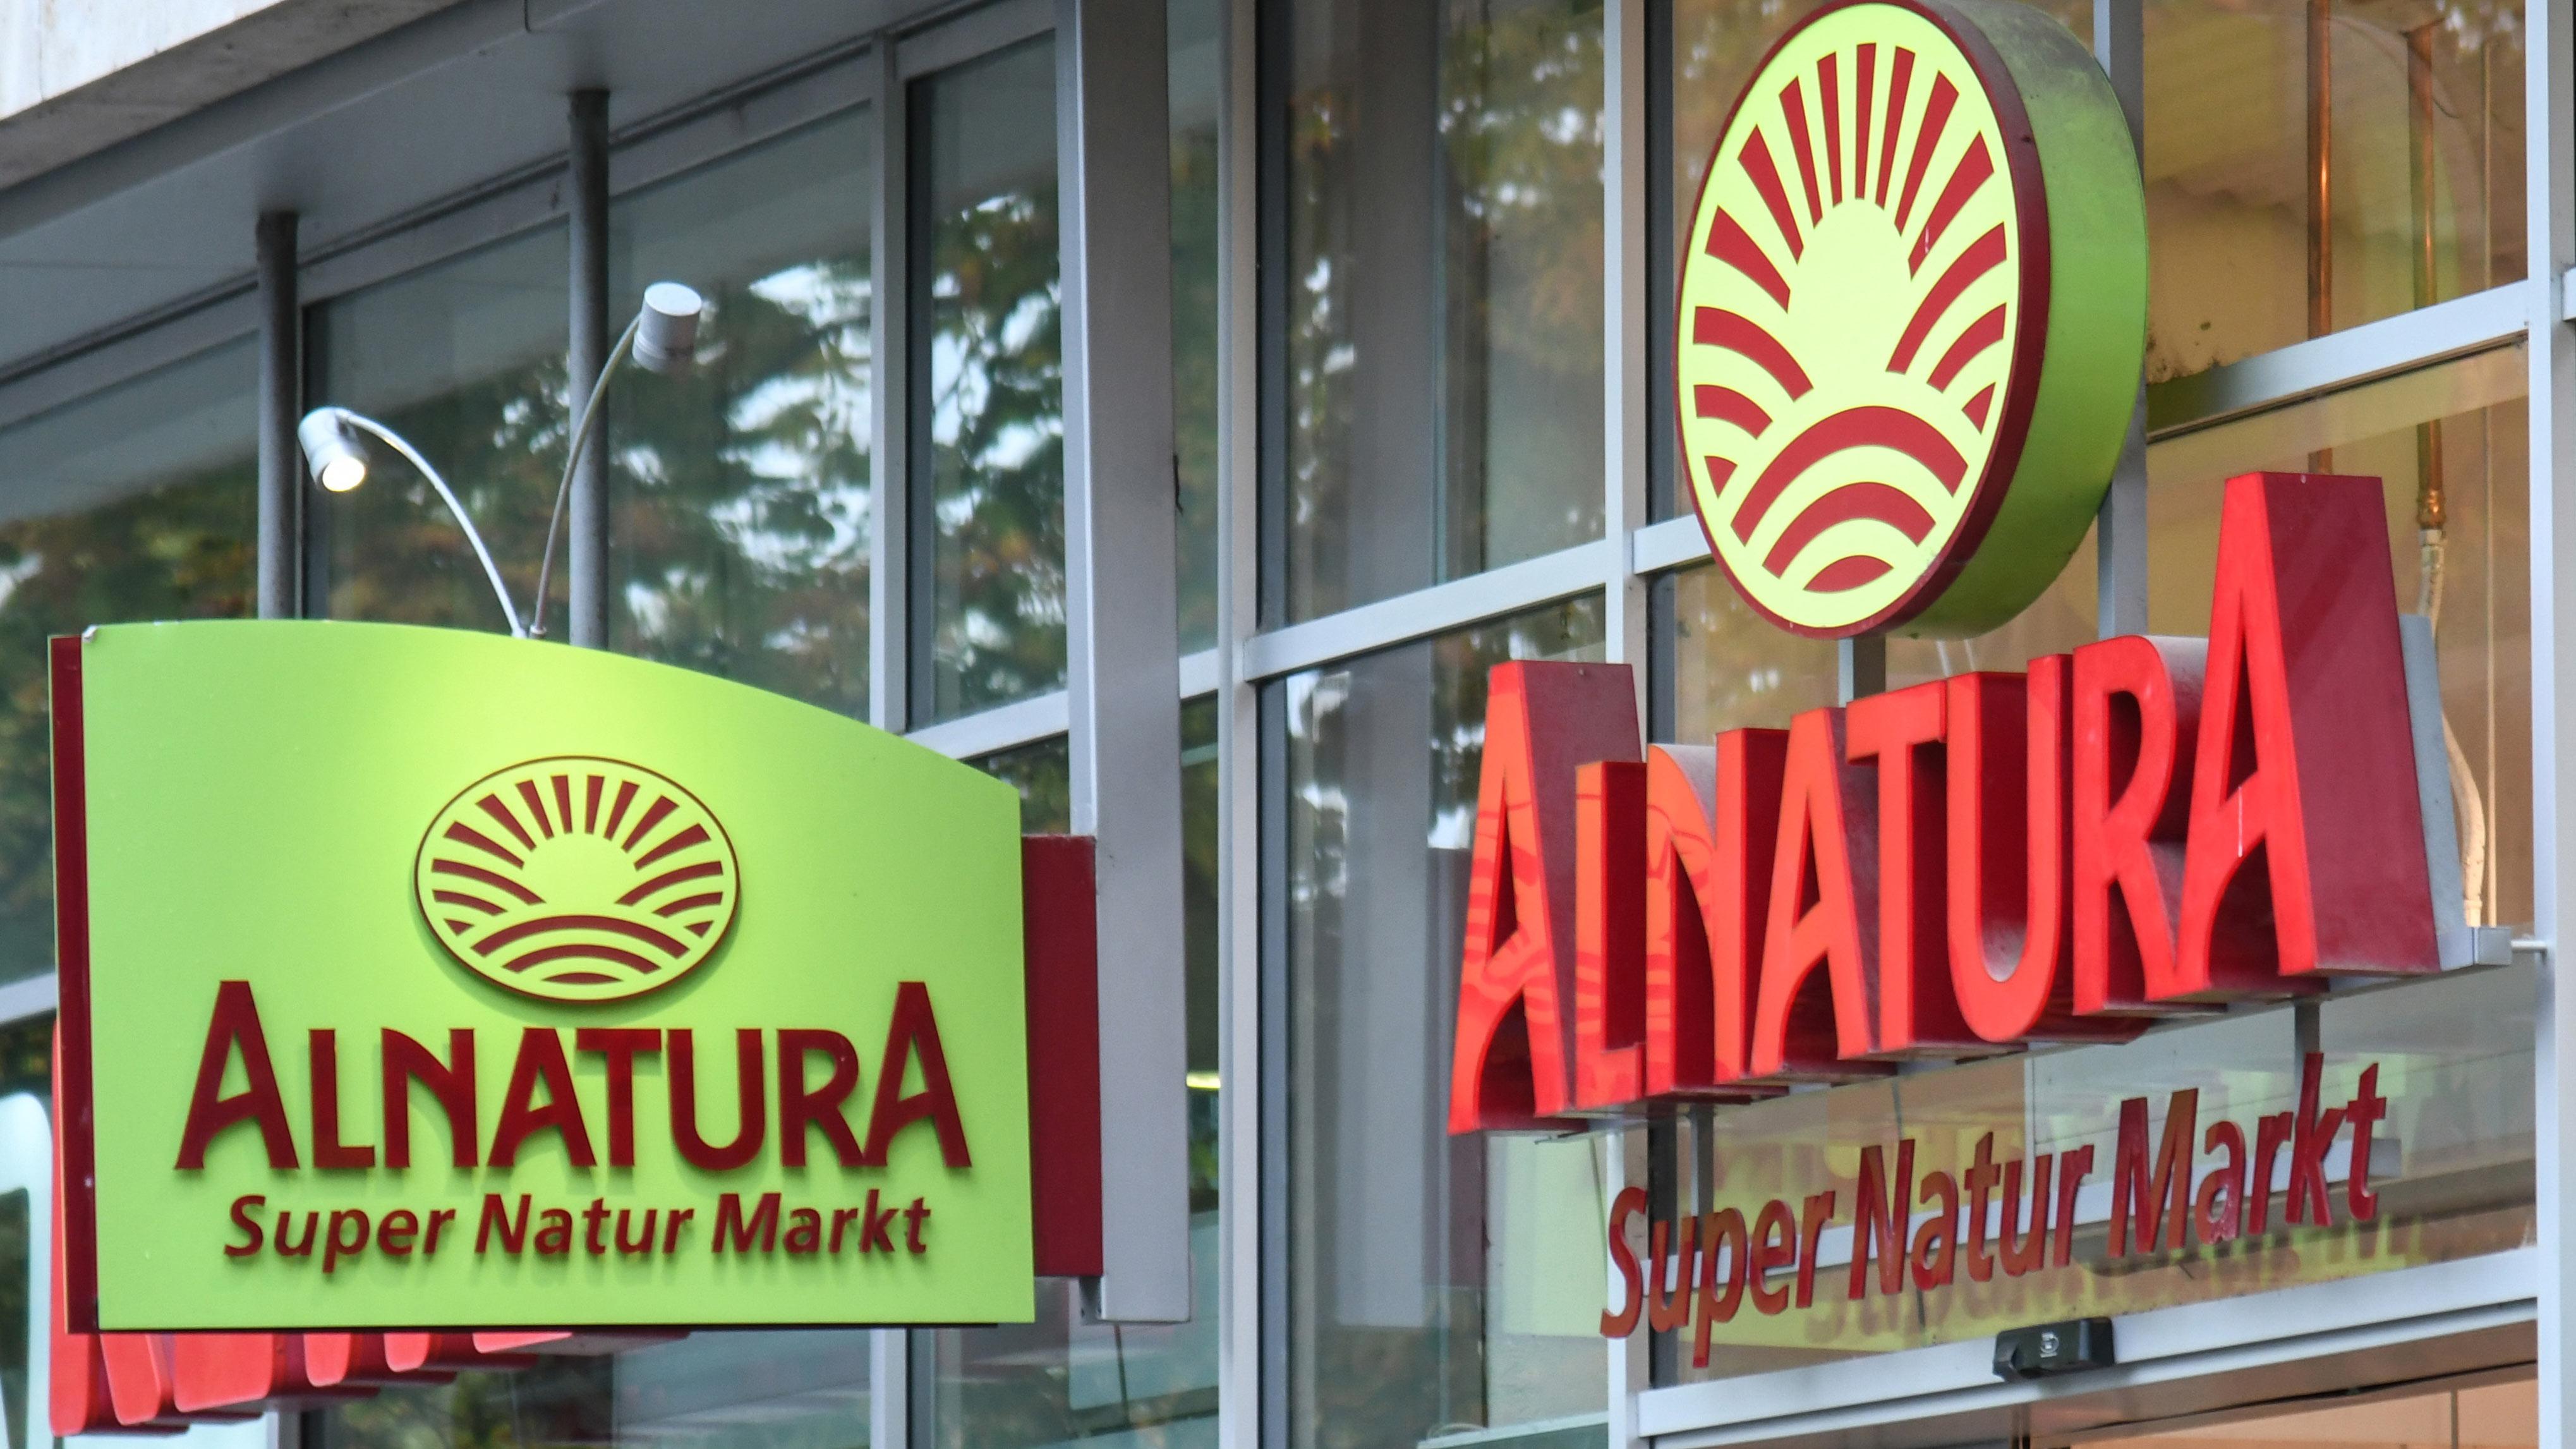 Neue Vertriebsmodelle: Alnatura plant Franchise-Märkte